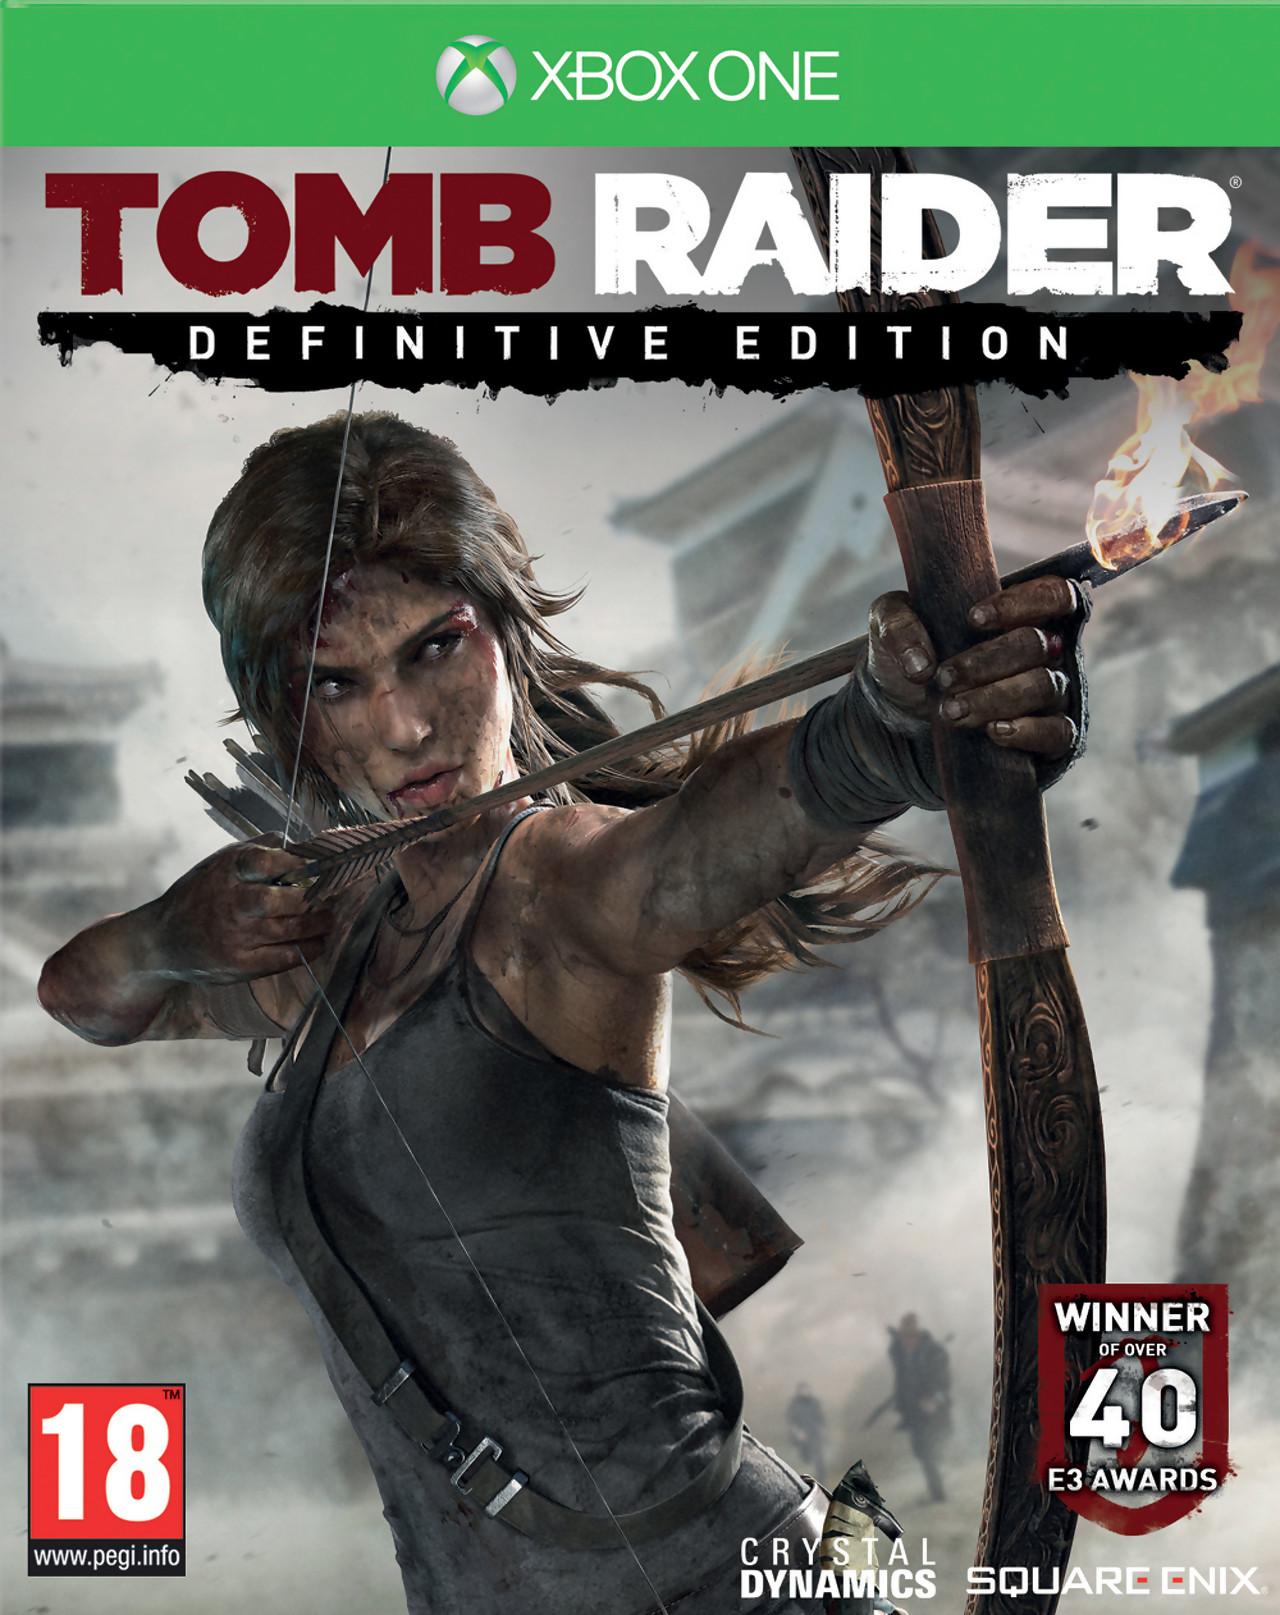 Les jeux de 2015 + toutes les infos Next Gen!! - Page 6 Tomb-raider-definitive-52e0c94726338